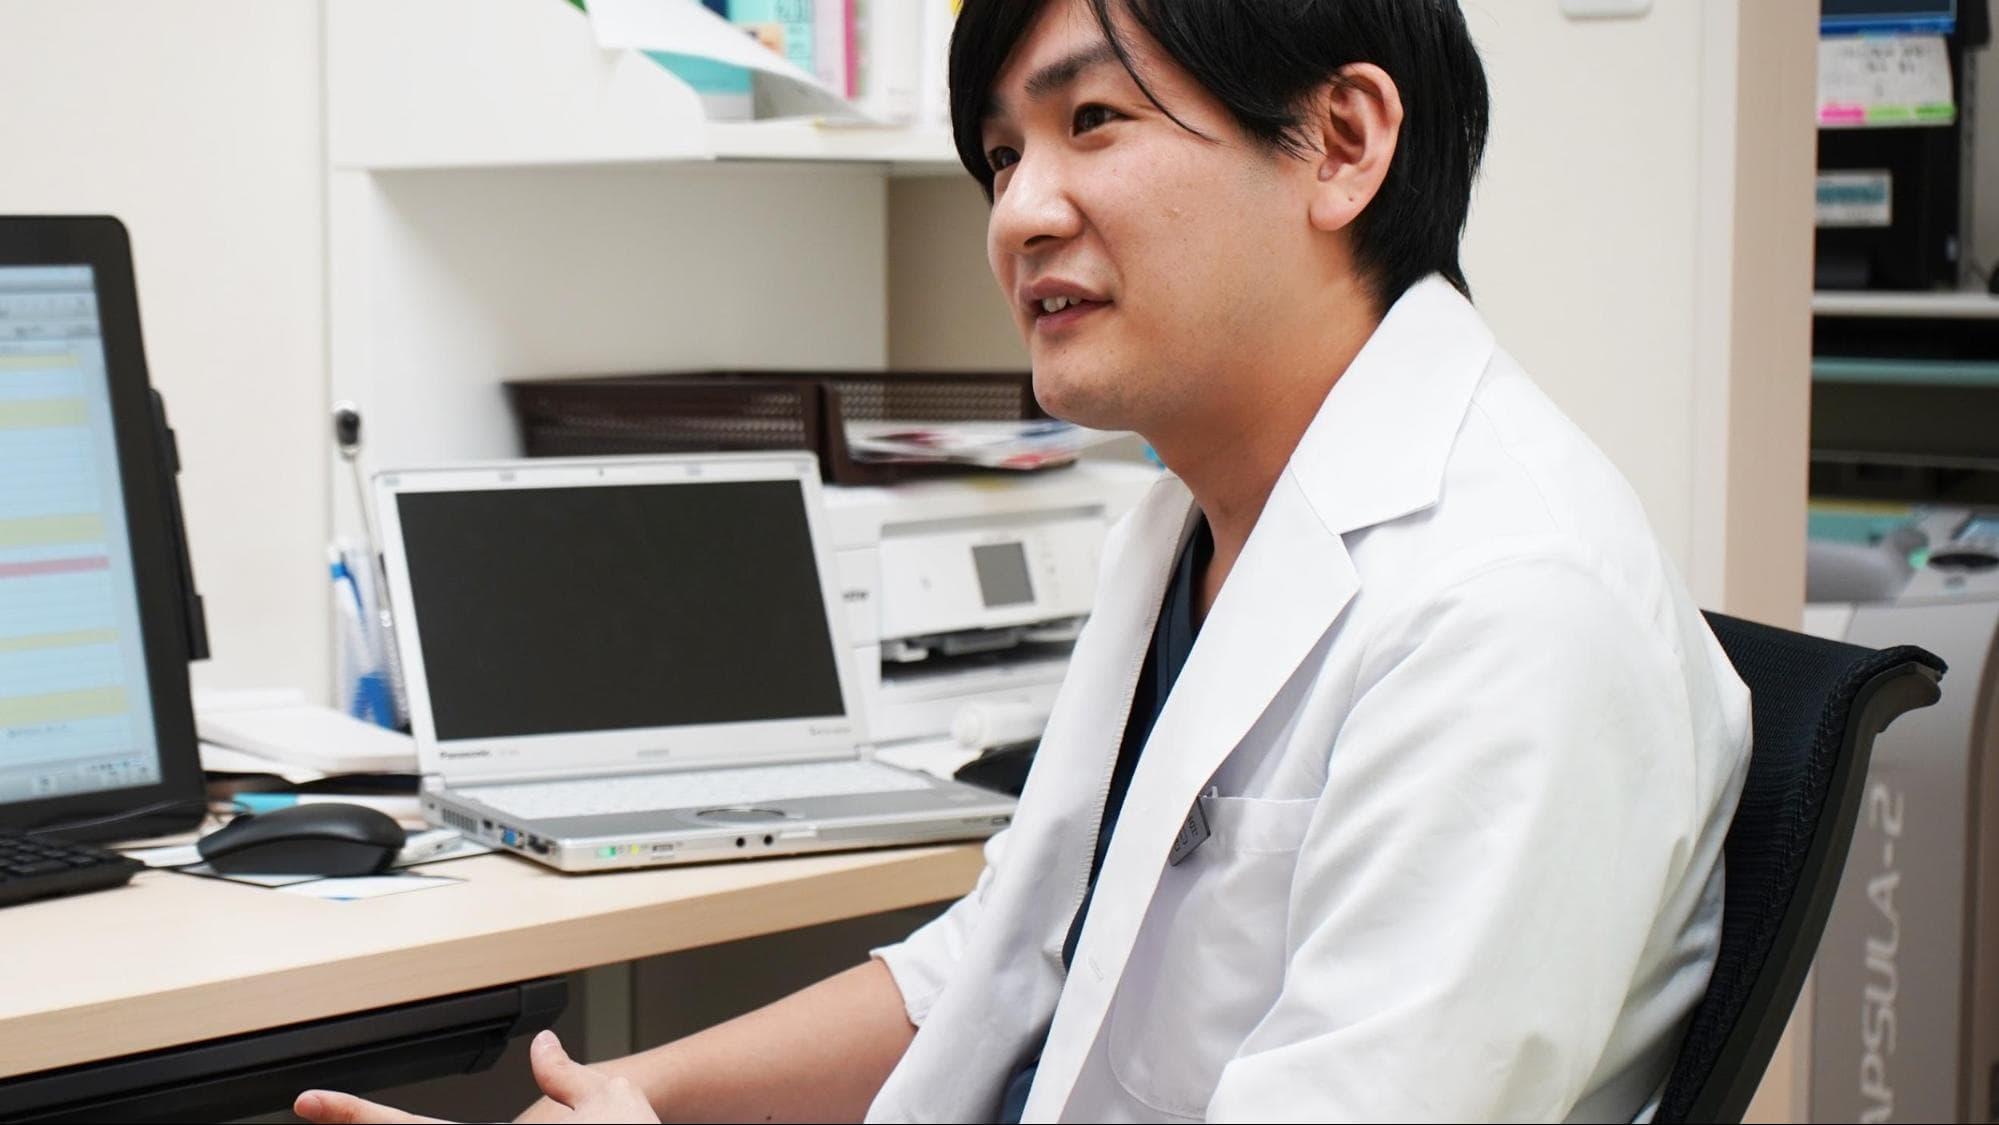 平井リハビリテーション整形外科 谷口 有 院長インタビュー